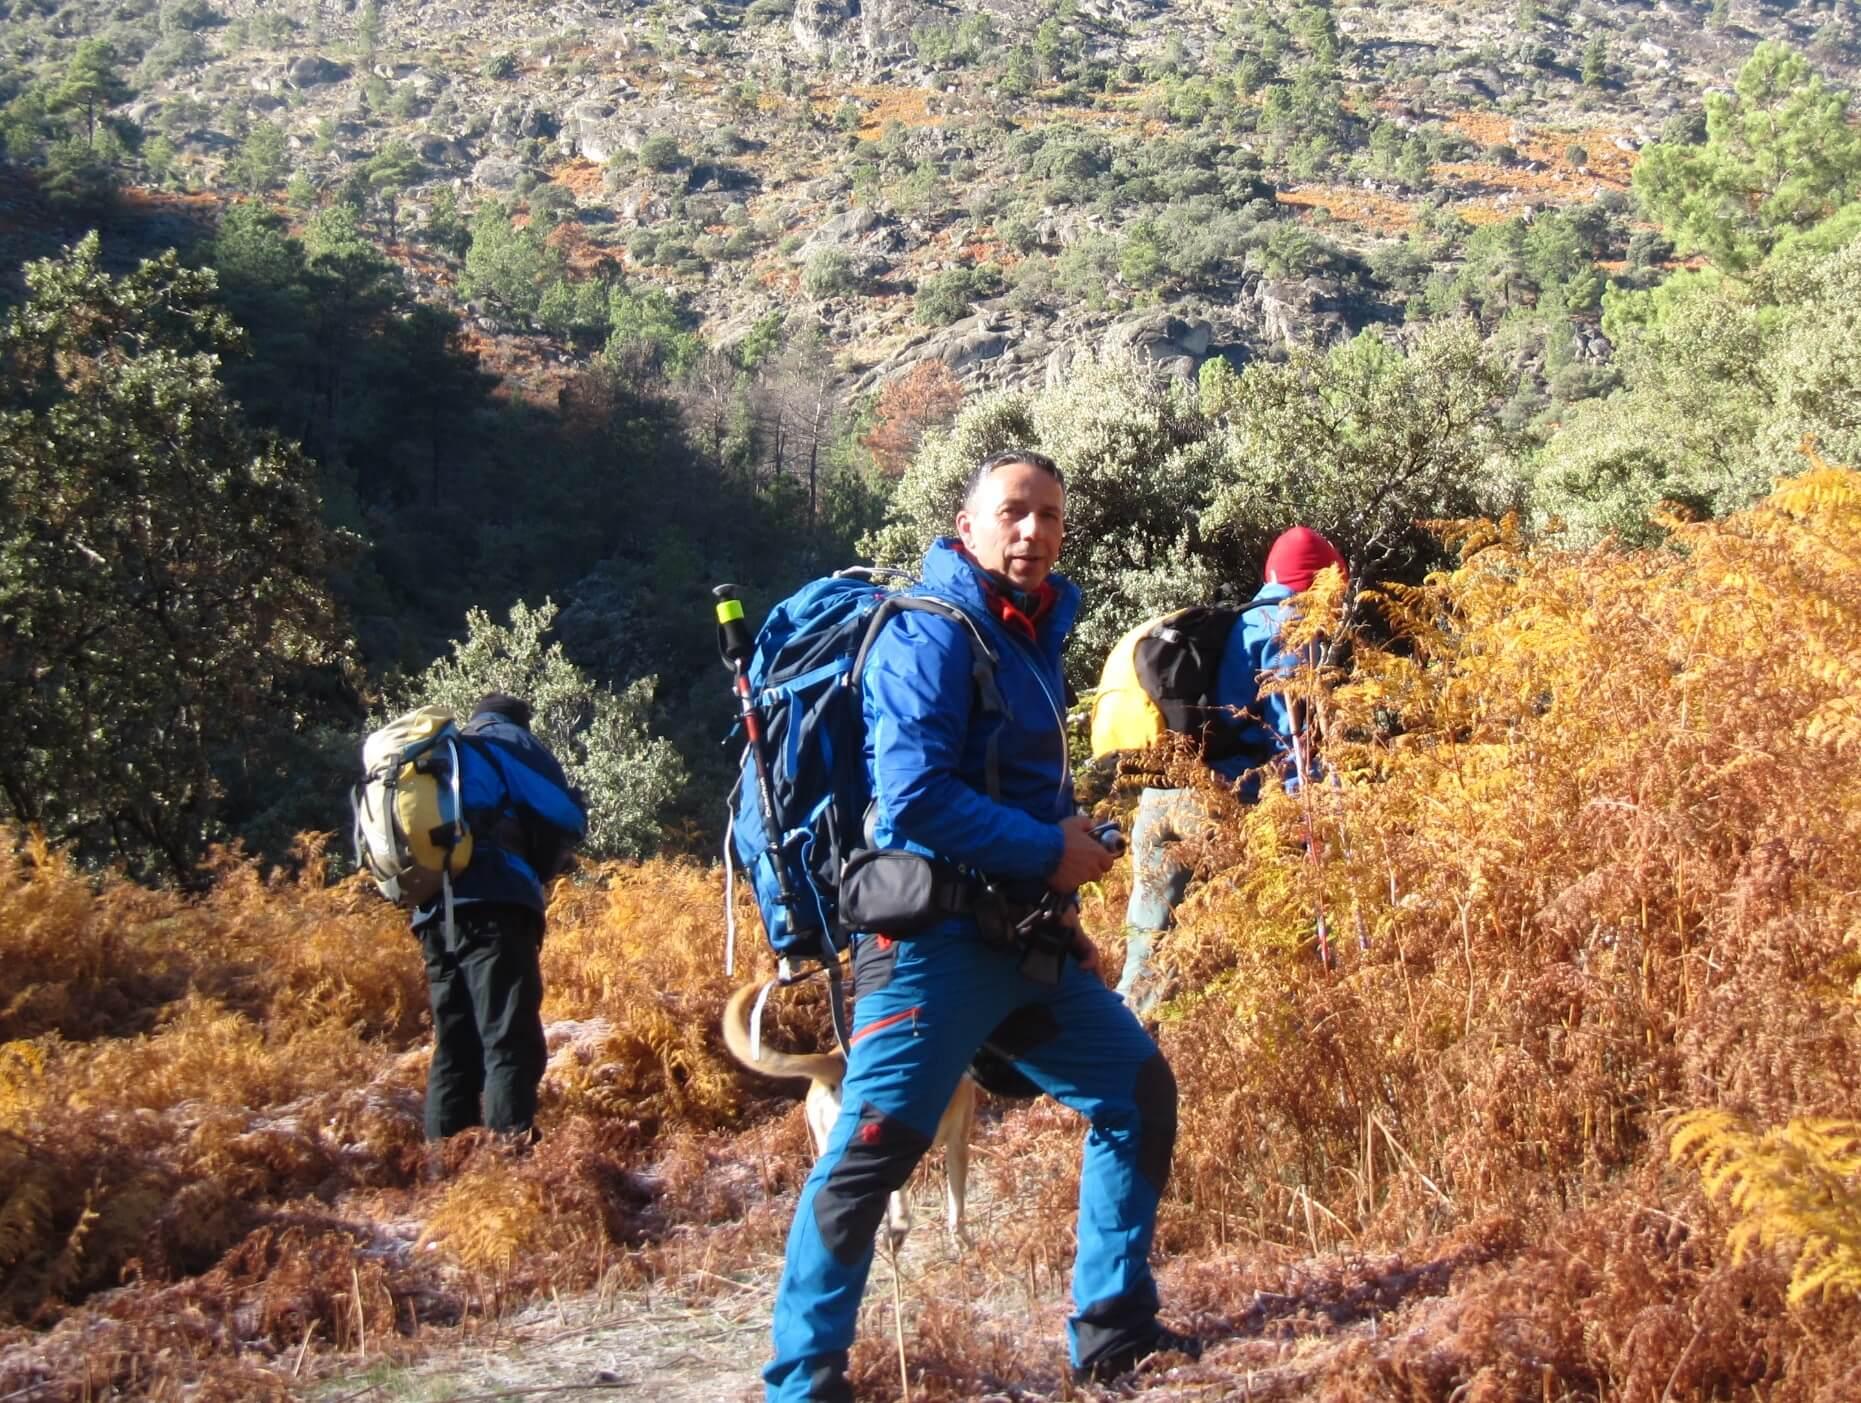 Carlos-Sousa-Guia-caminhando